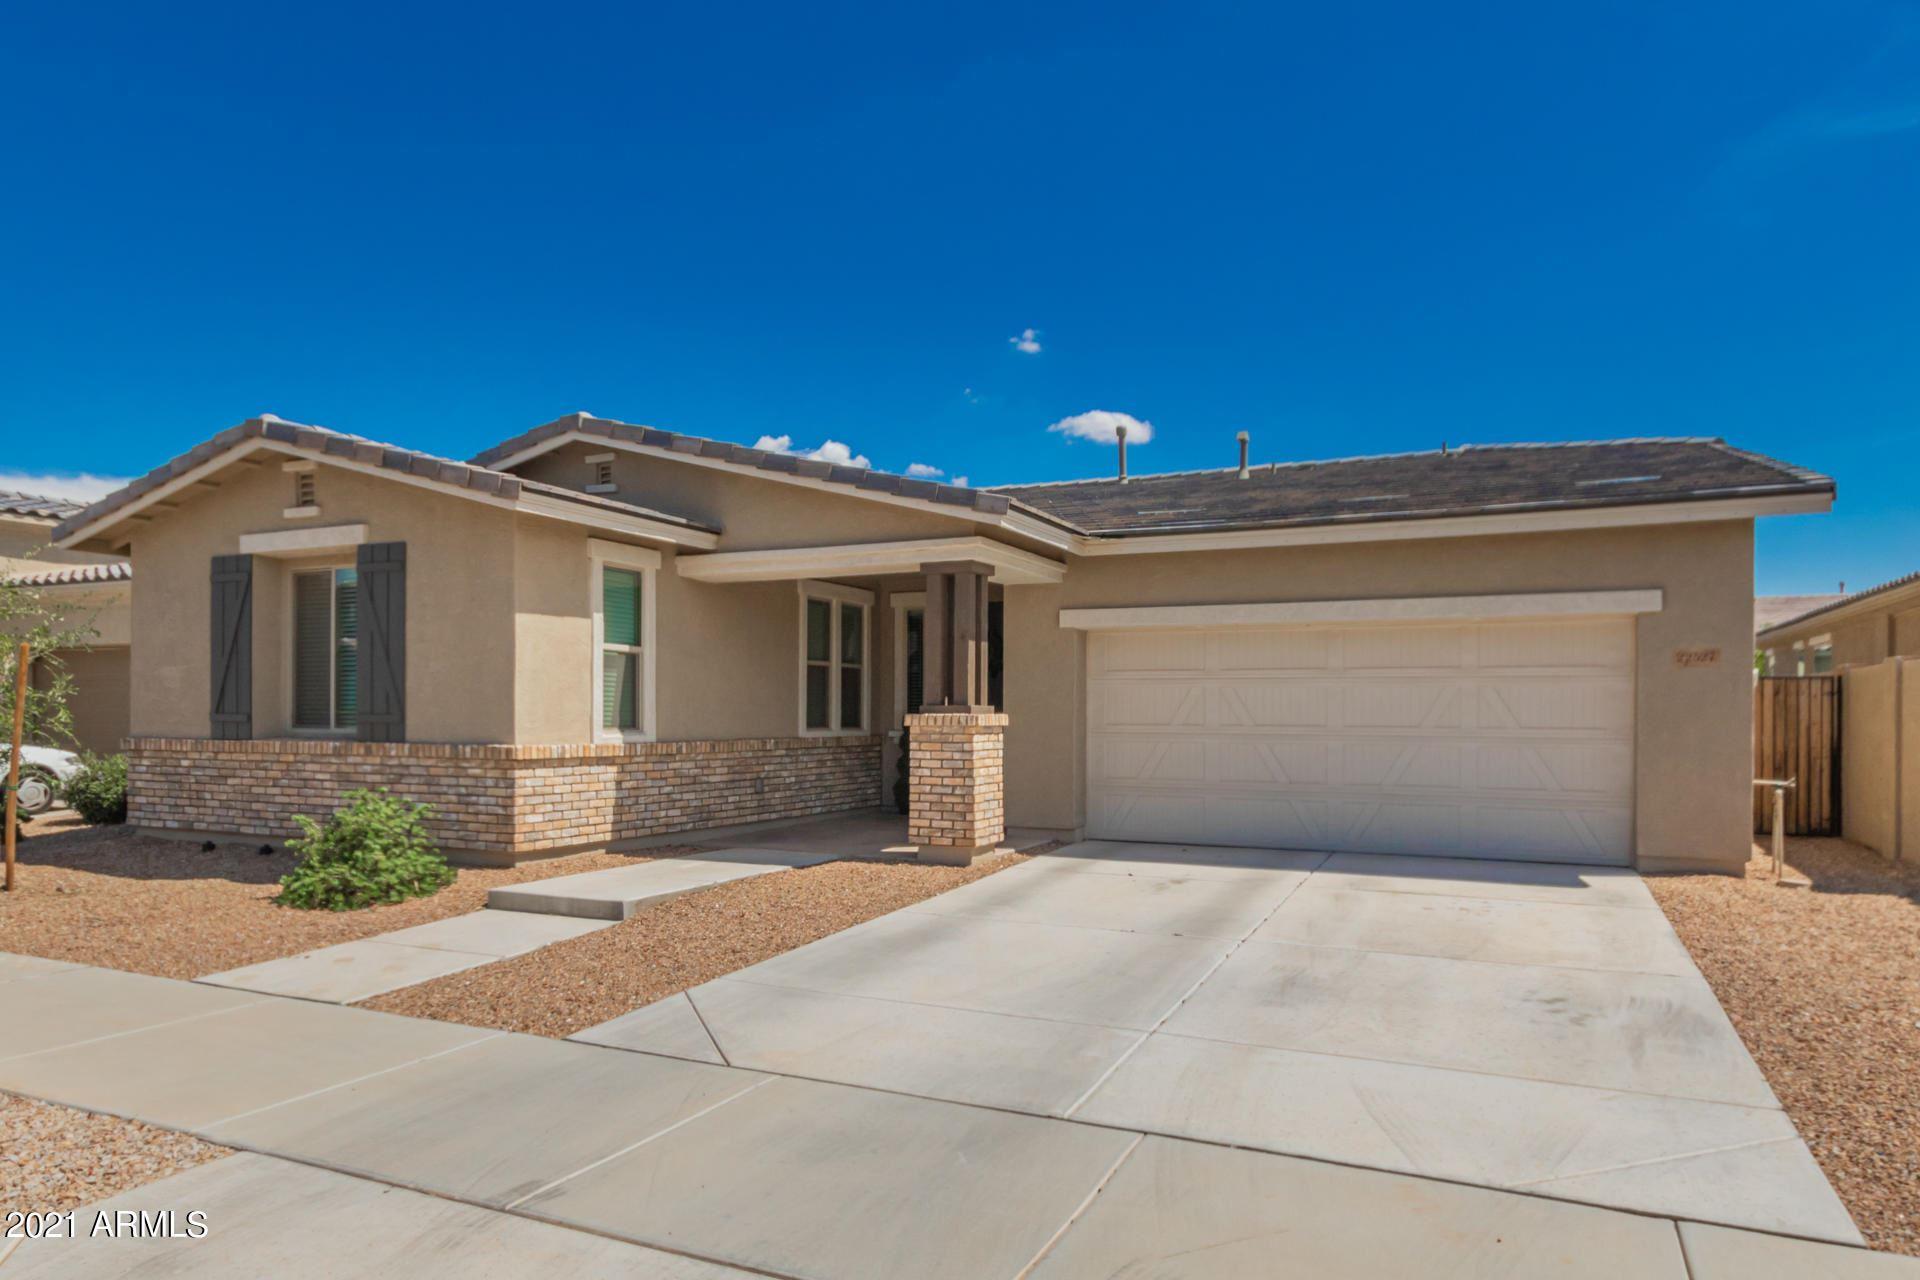 Photo of 22527 E Duncan Street, Queen Creek, AZ 85142 (MLS # 6265153)